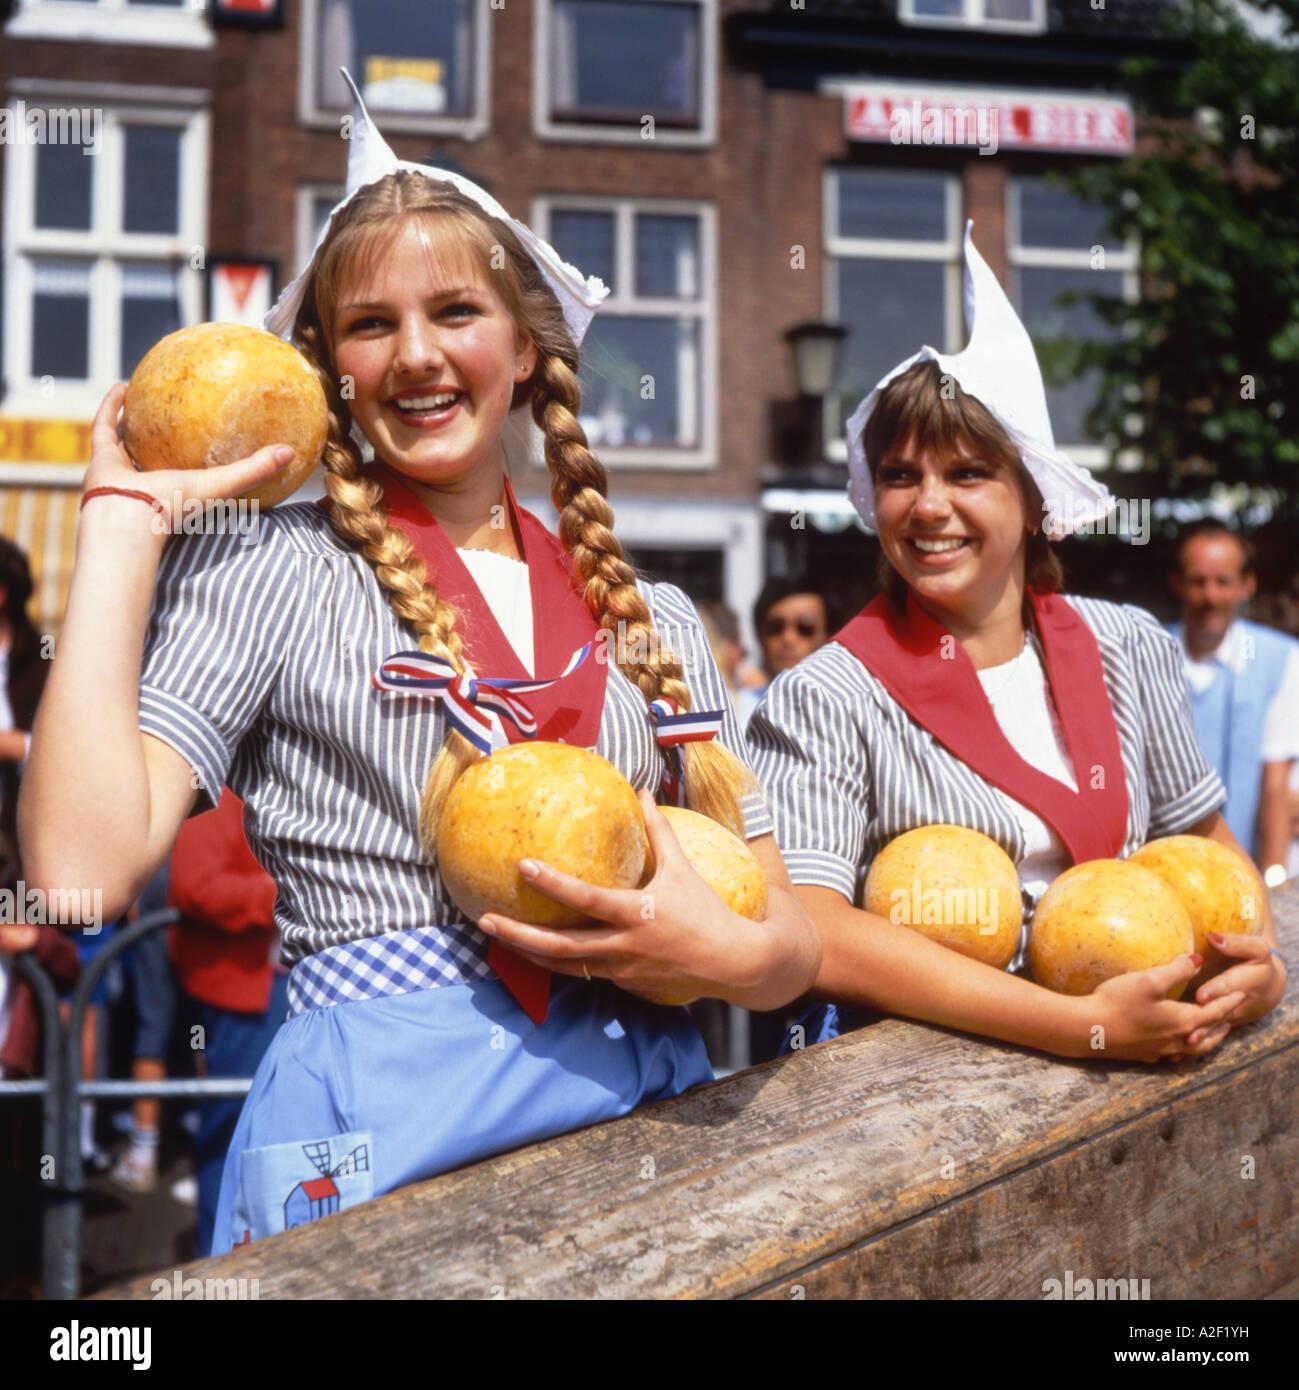 813b9d42ba4e Due ragazze Olandesi in abito tradizionale vendita di formaggi al mercato  di Alkmaar in Olanda